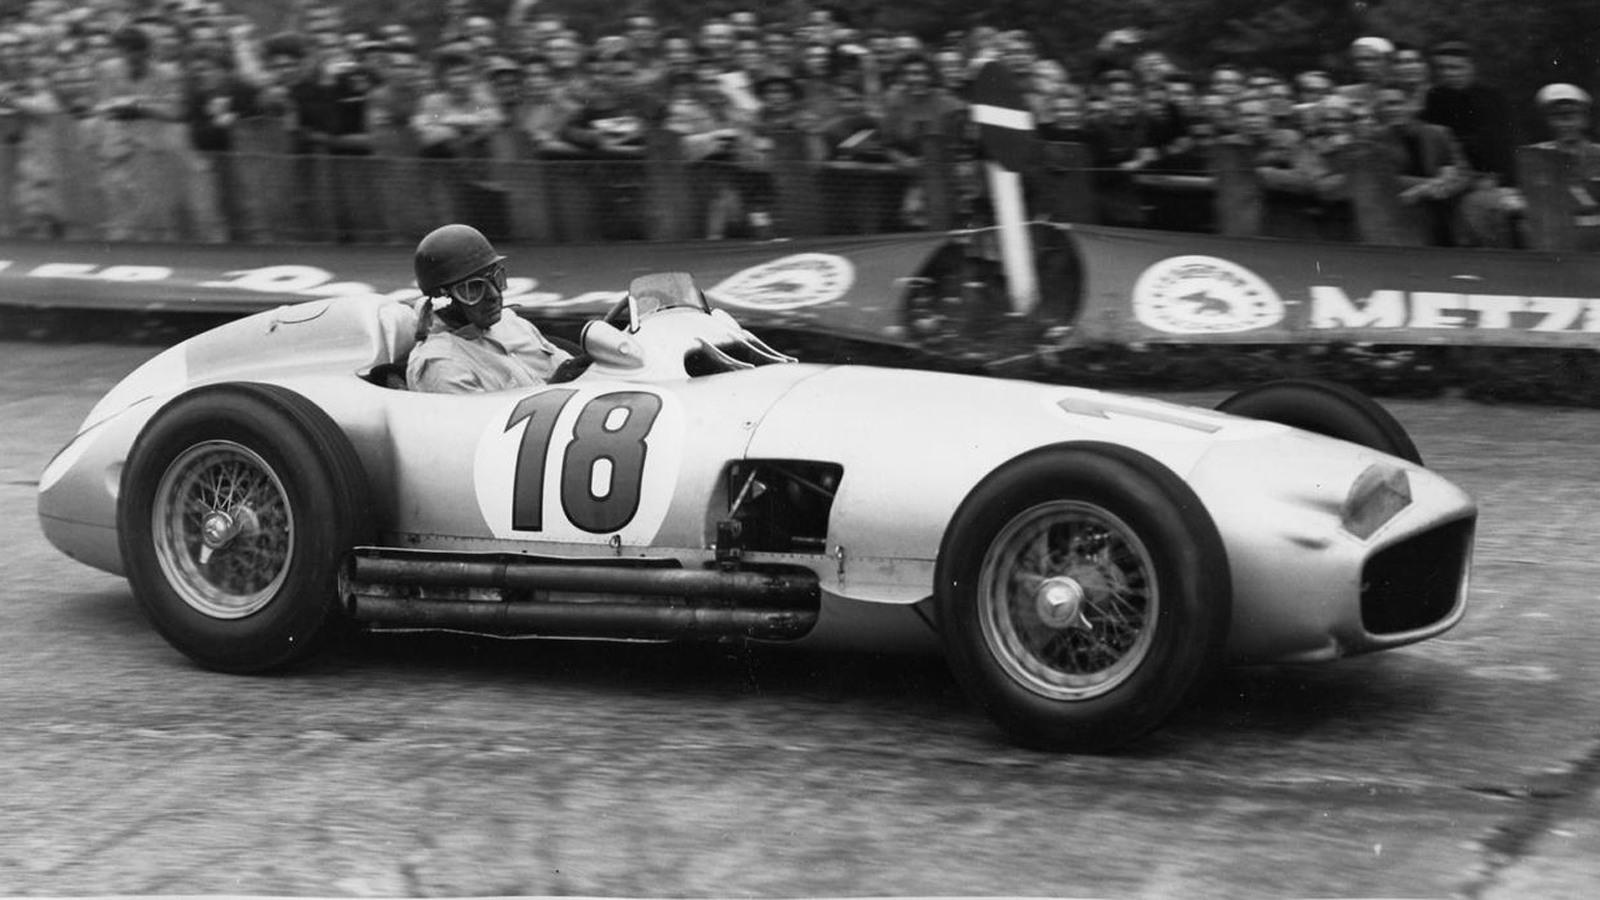 1954 Mercedes-Benz W196 driven by Juan Manuel Fangio